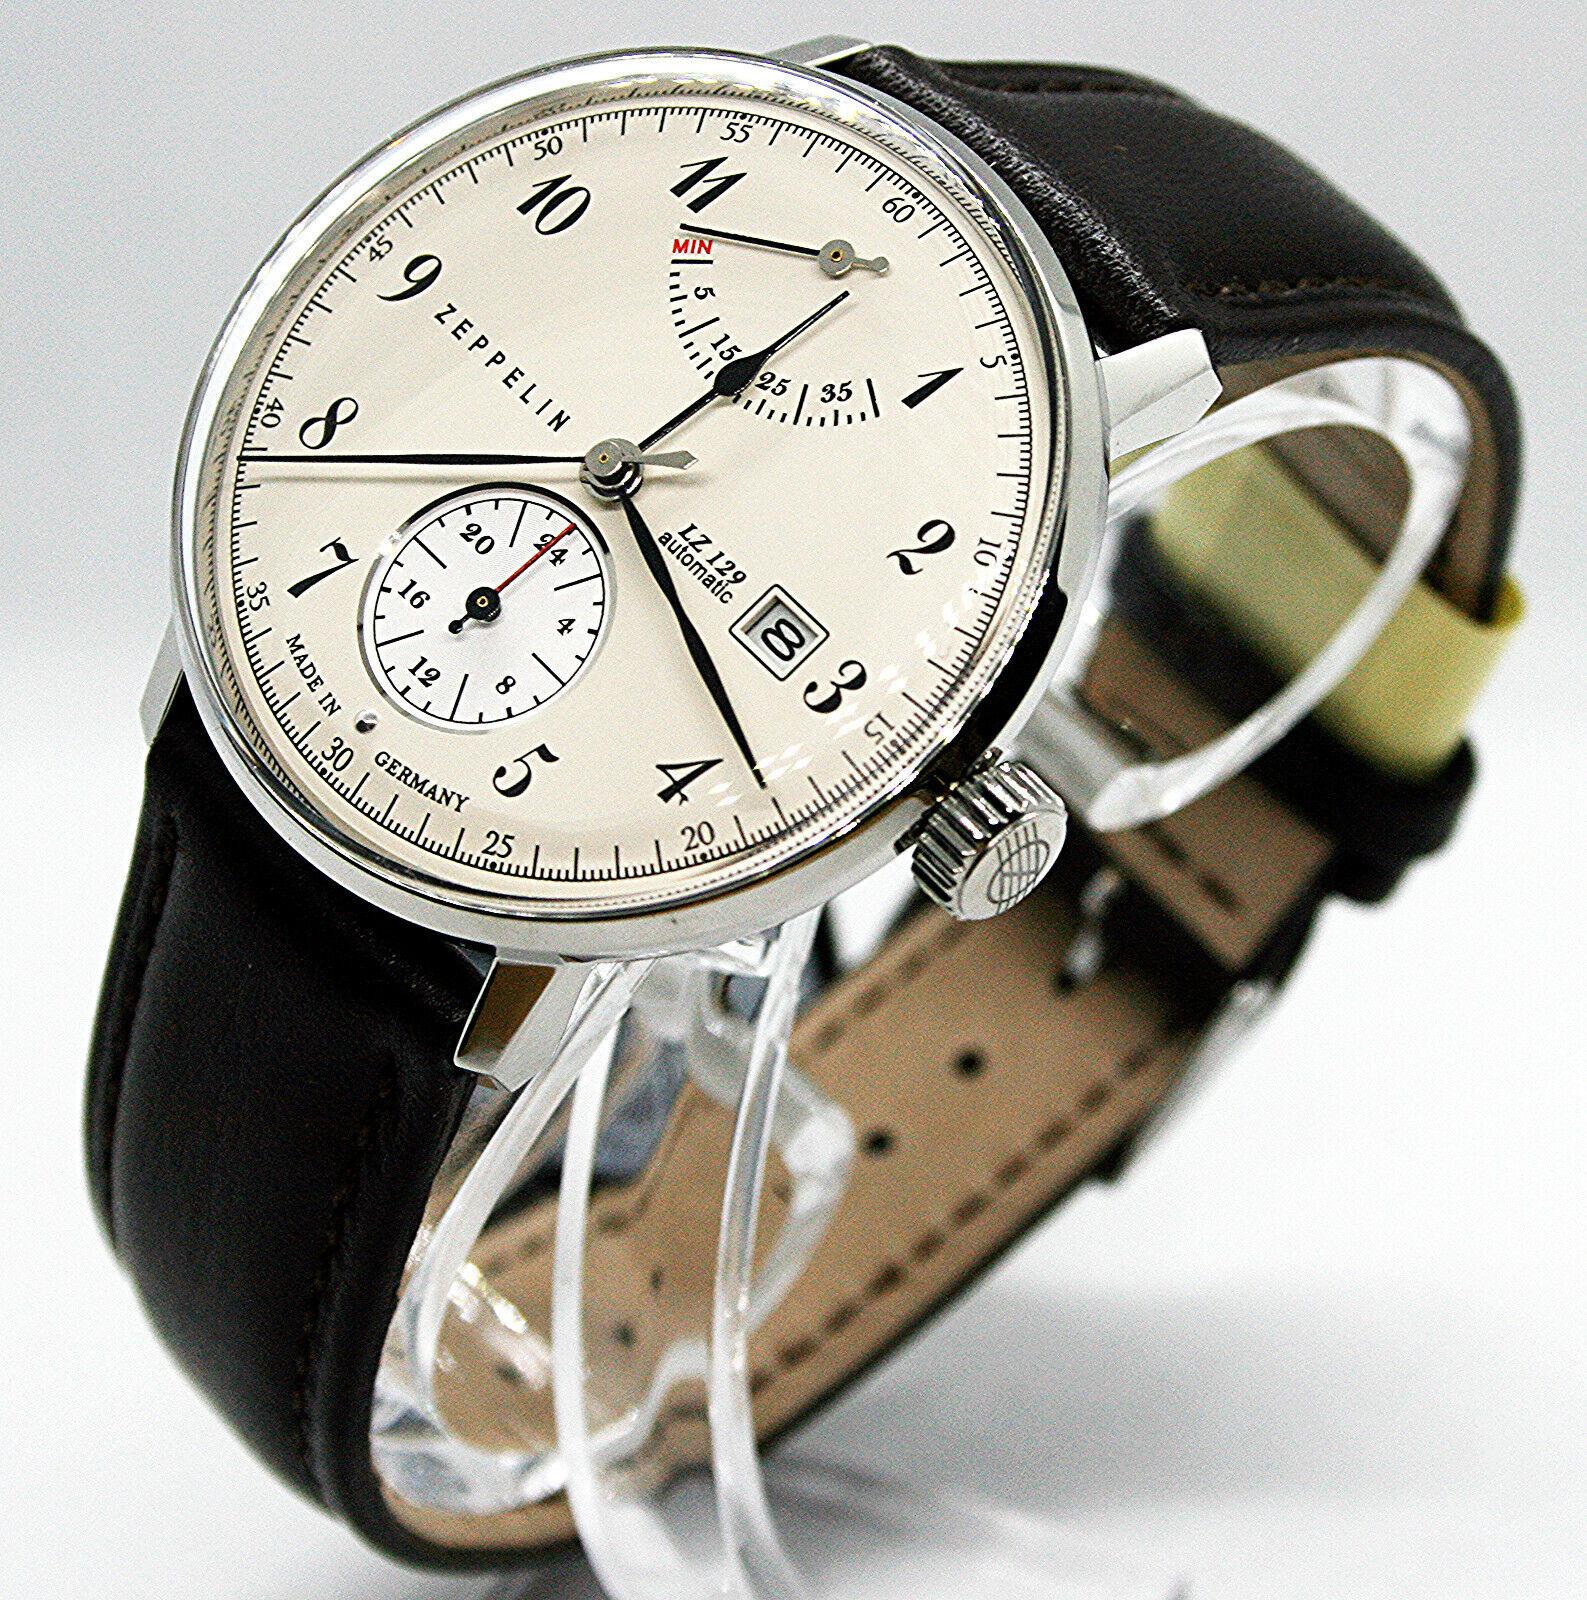 Граф стоимость часы часы киев швейцарские ломбард